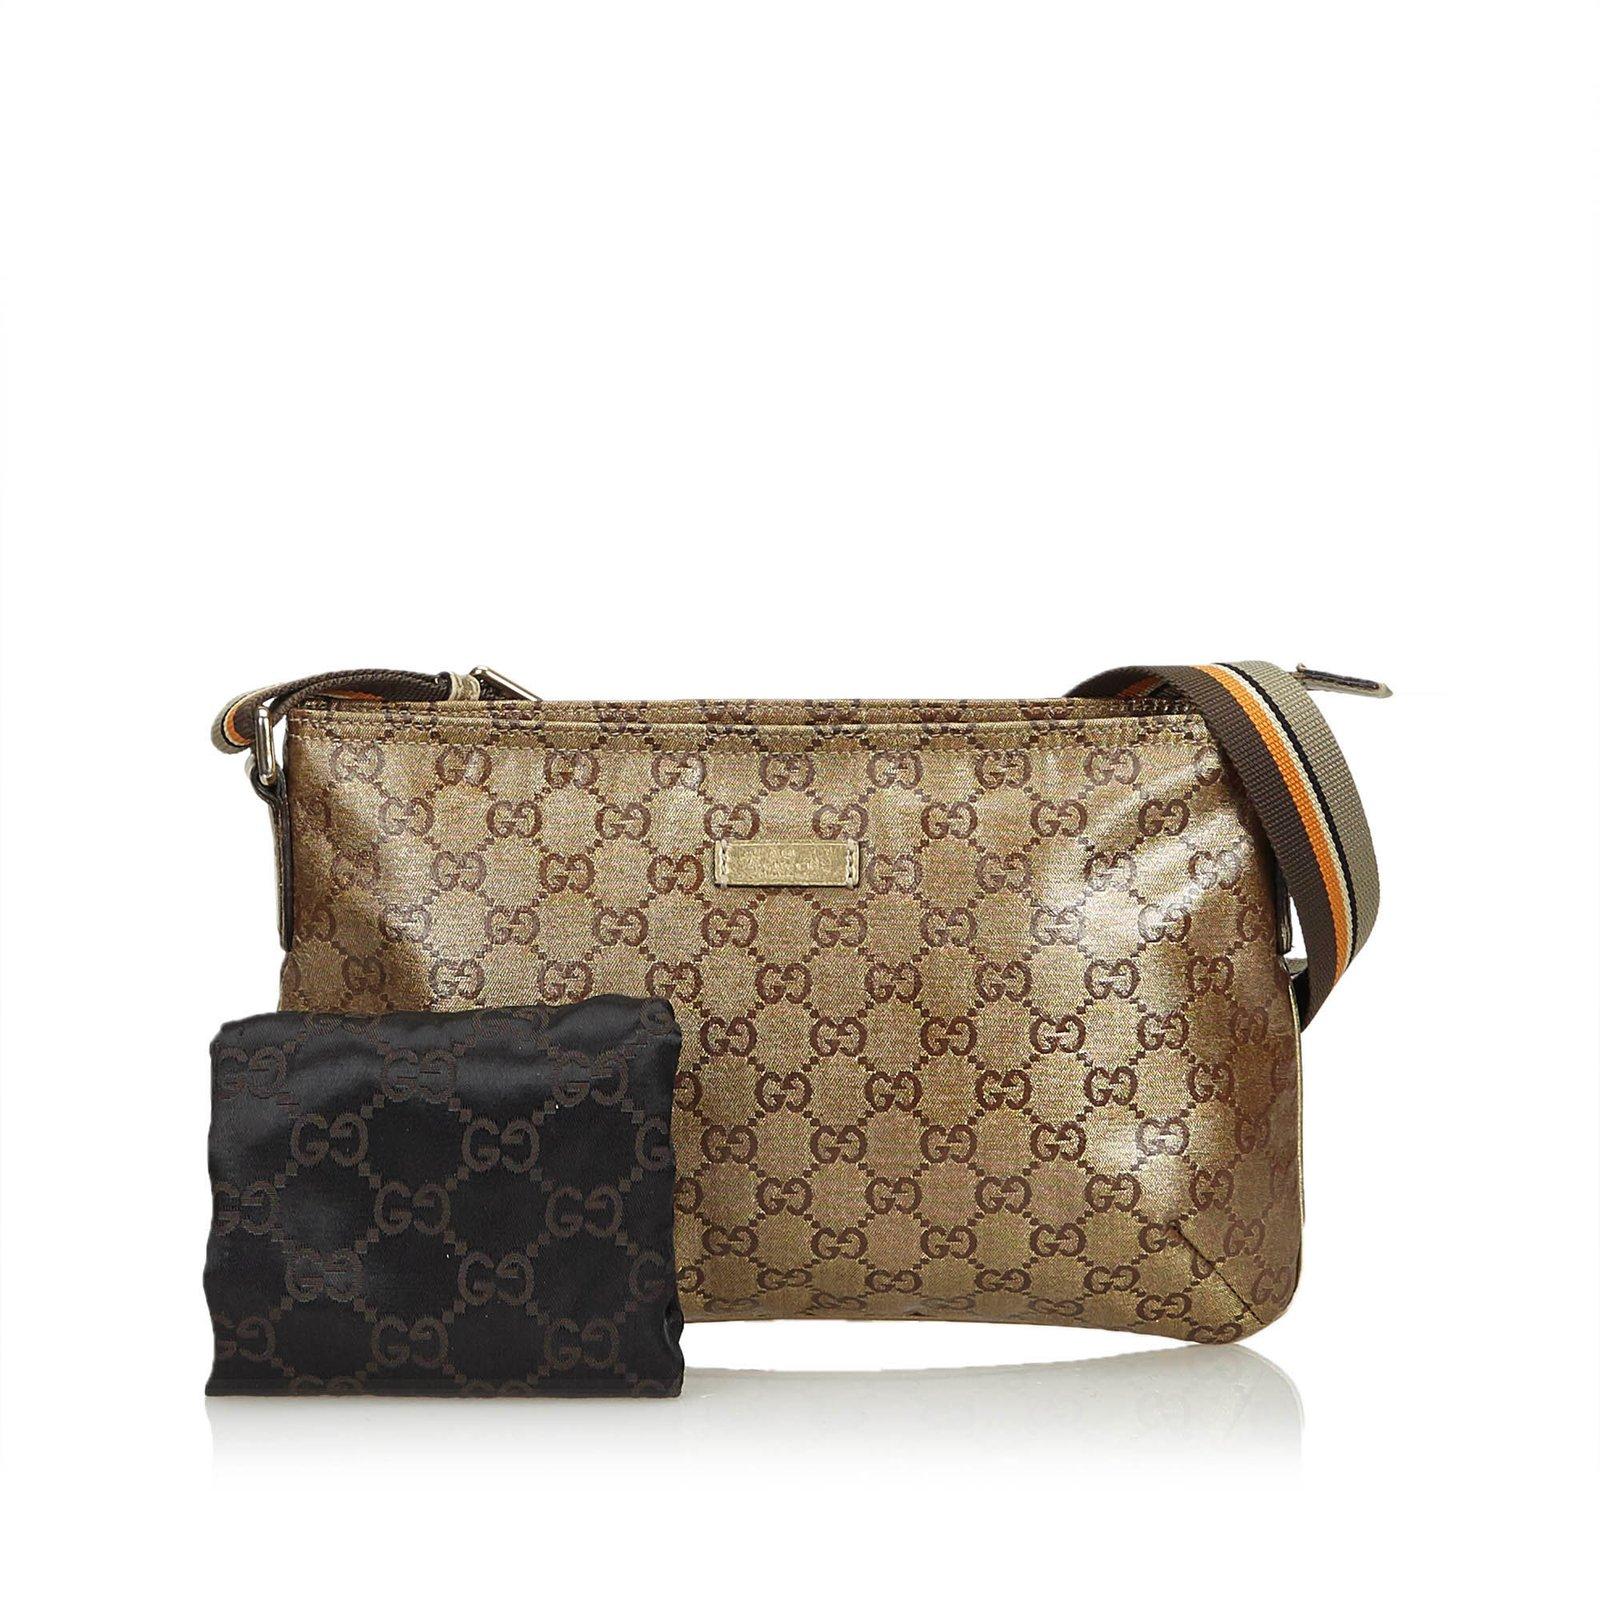 b8bd5ef3dacae7 Gucci GG Supreme Coated Canvas Crossbody Bag Handbags Cloth,Cloth Brown  ref.108674 - Joli Closet